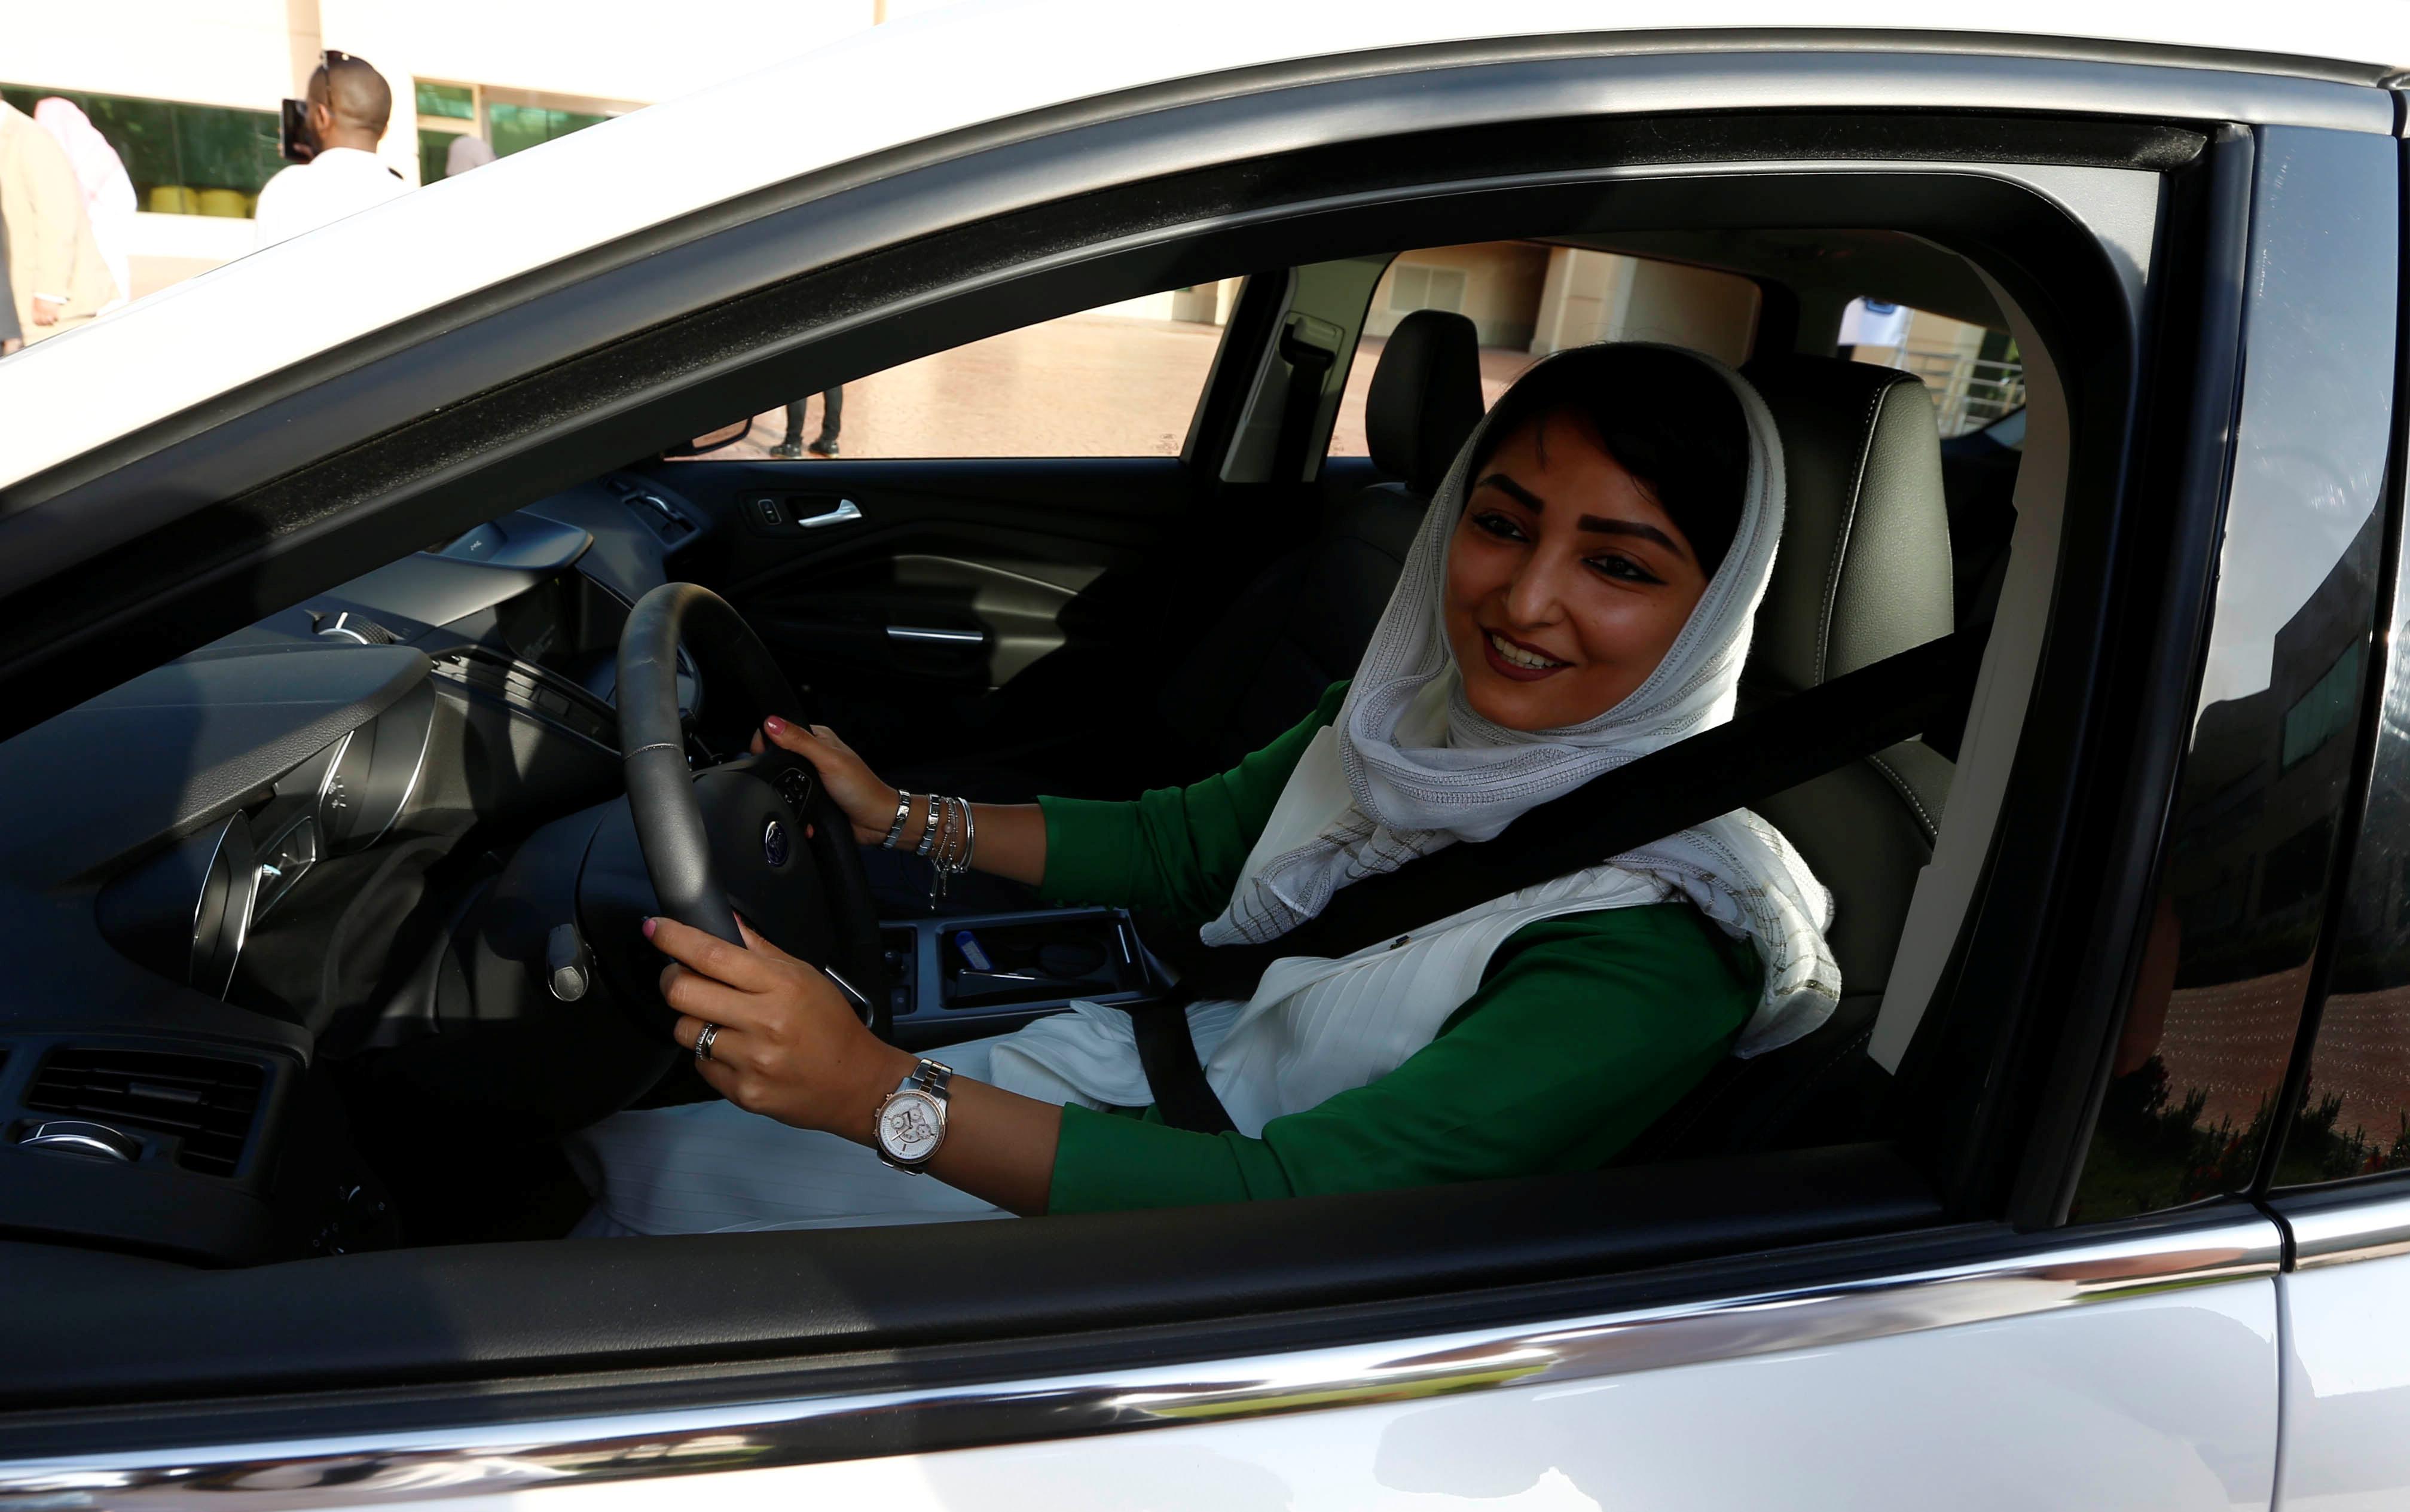 صور إقبال كبير من نساء السعودية على مراكز تعليم القيادة فى جدة اليوم السابع